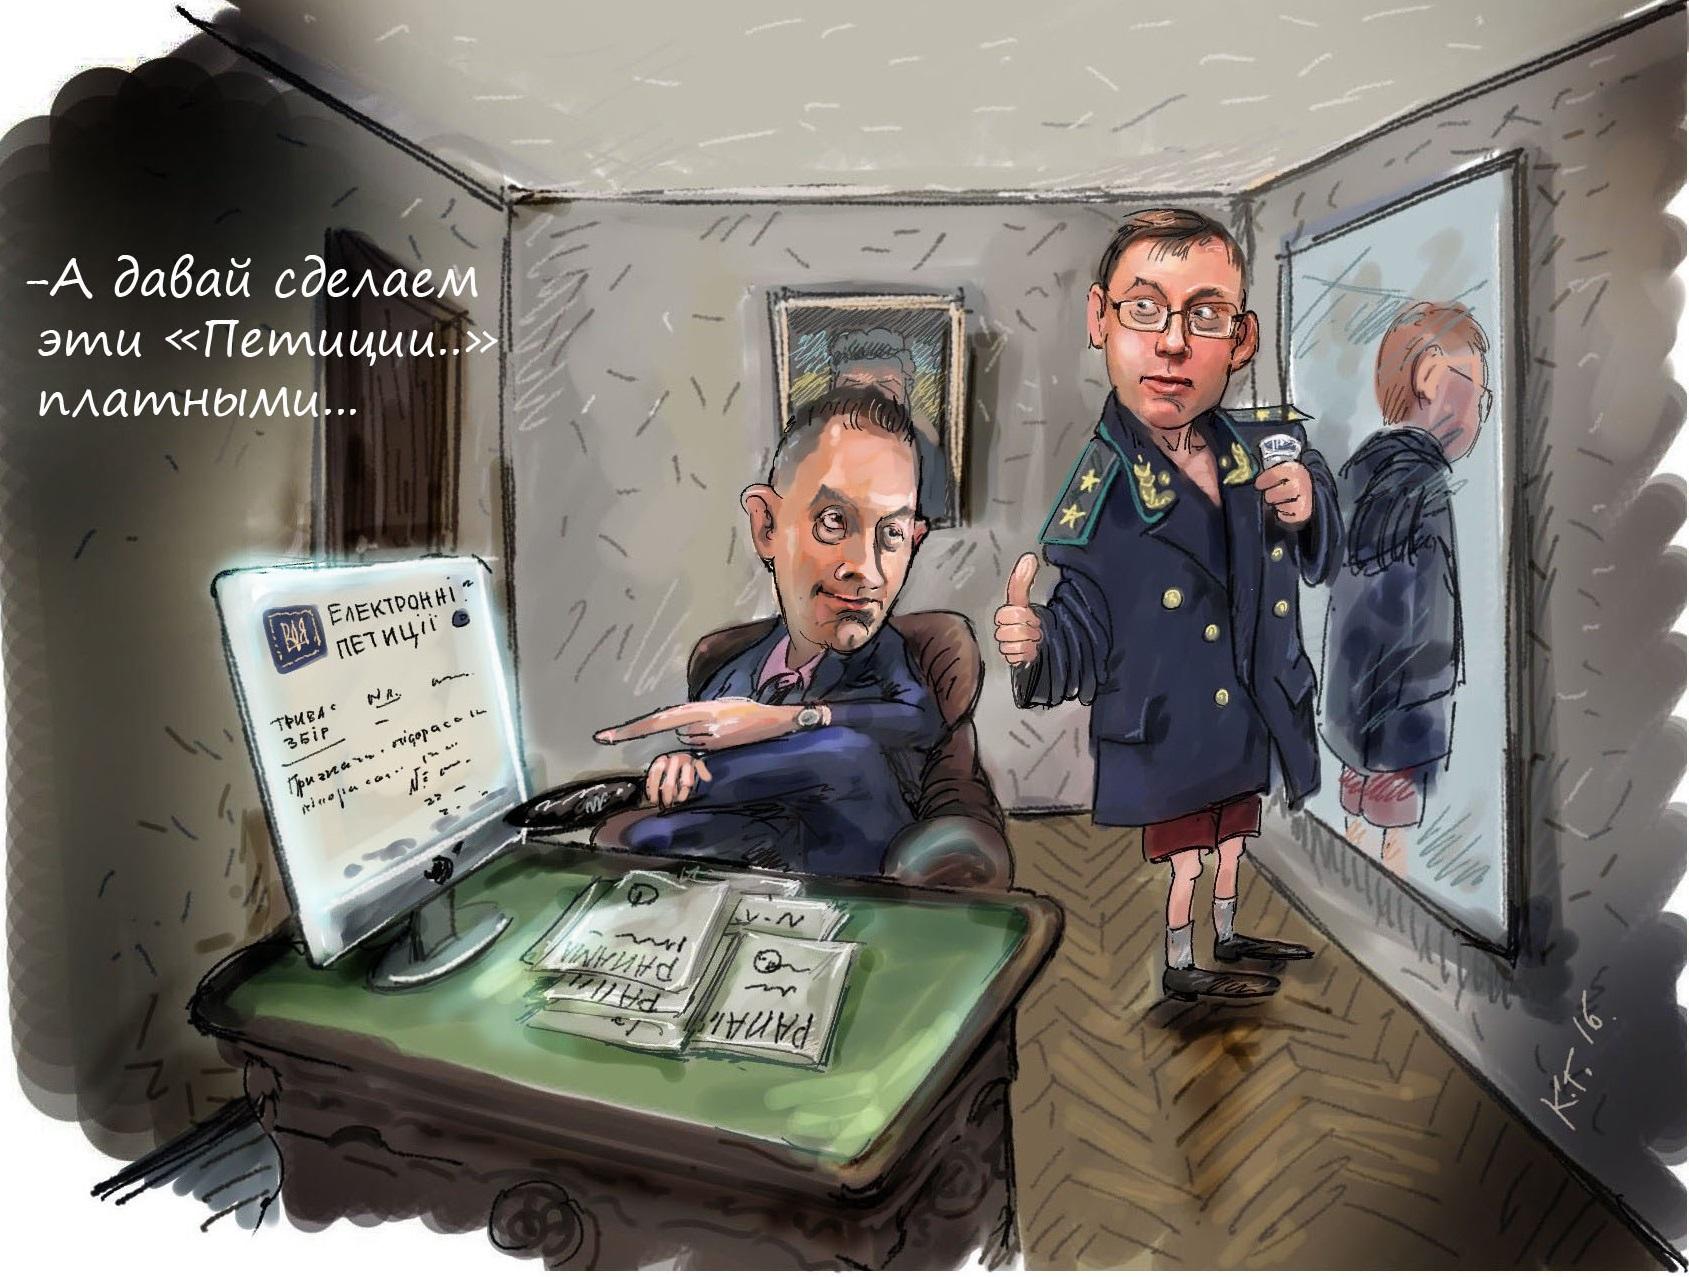 Политик-генпрокурор будет привносить в работу ГПУ элемент пиара и шоу, - Березюк - Цензор.НЕТ 7492